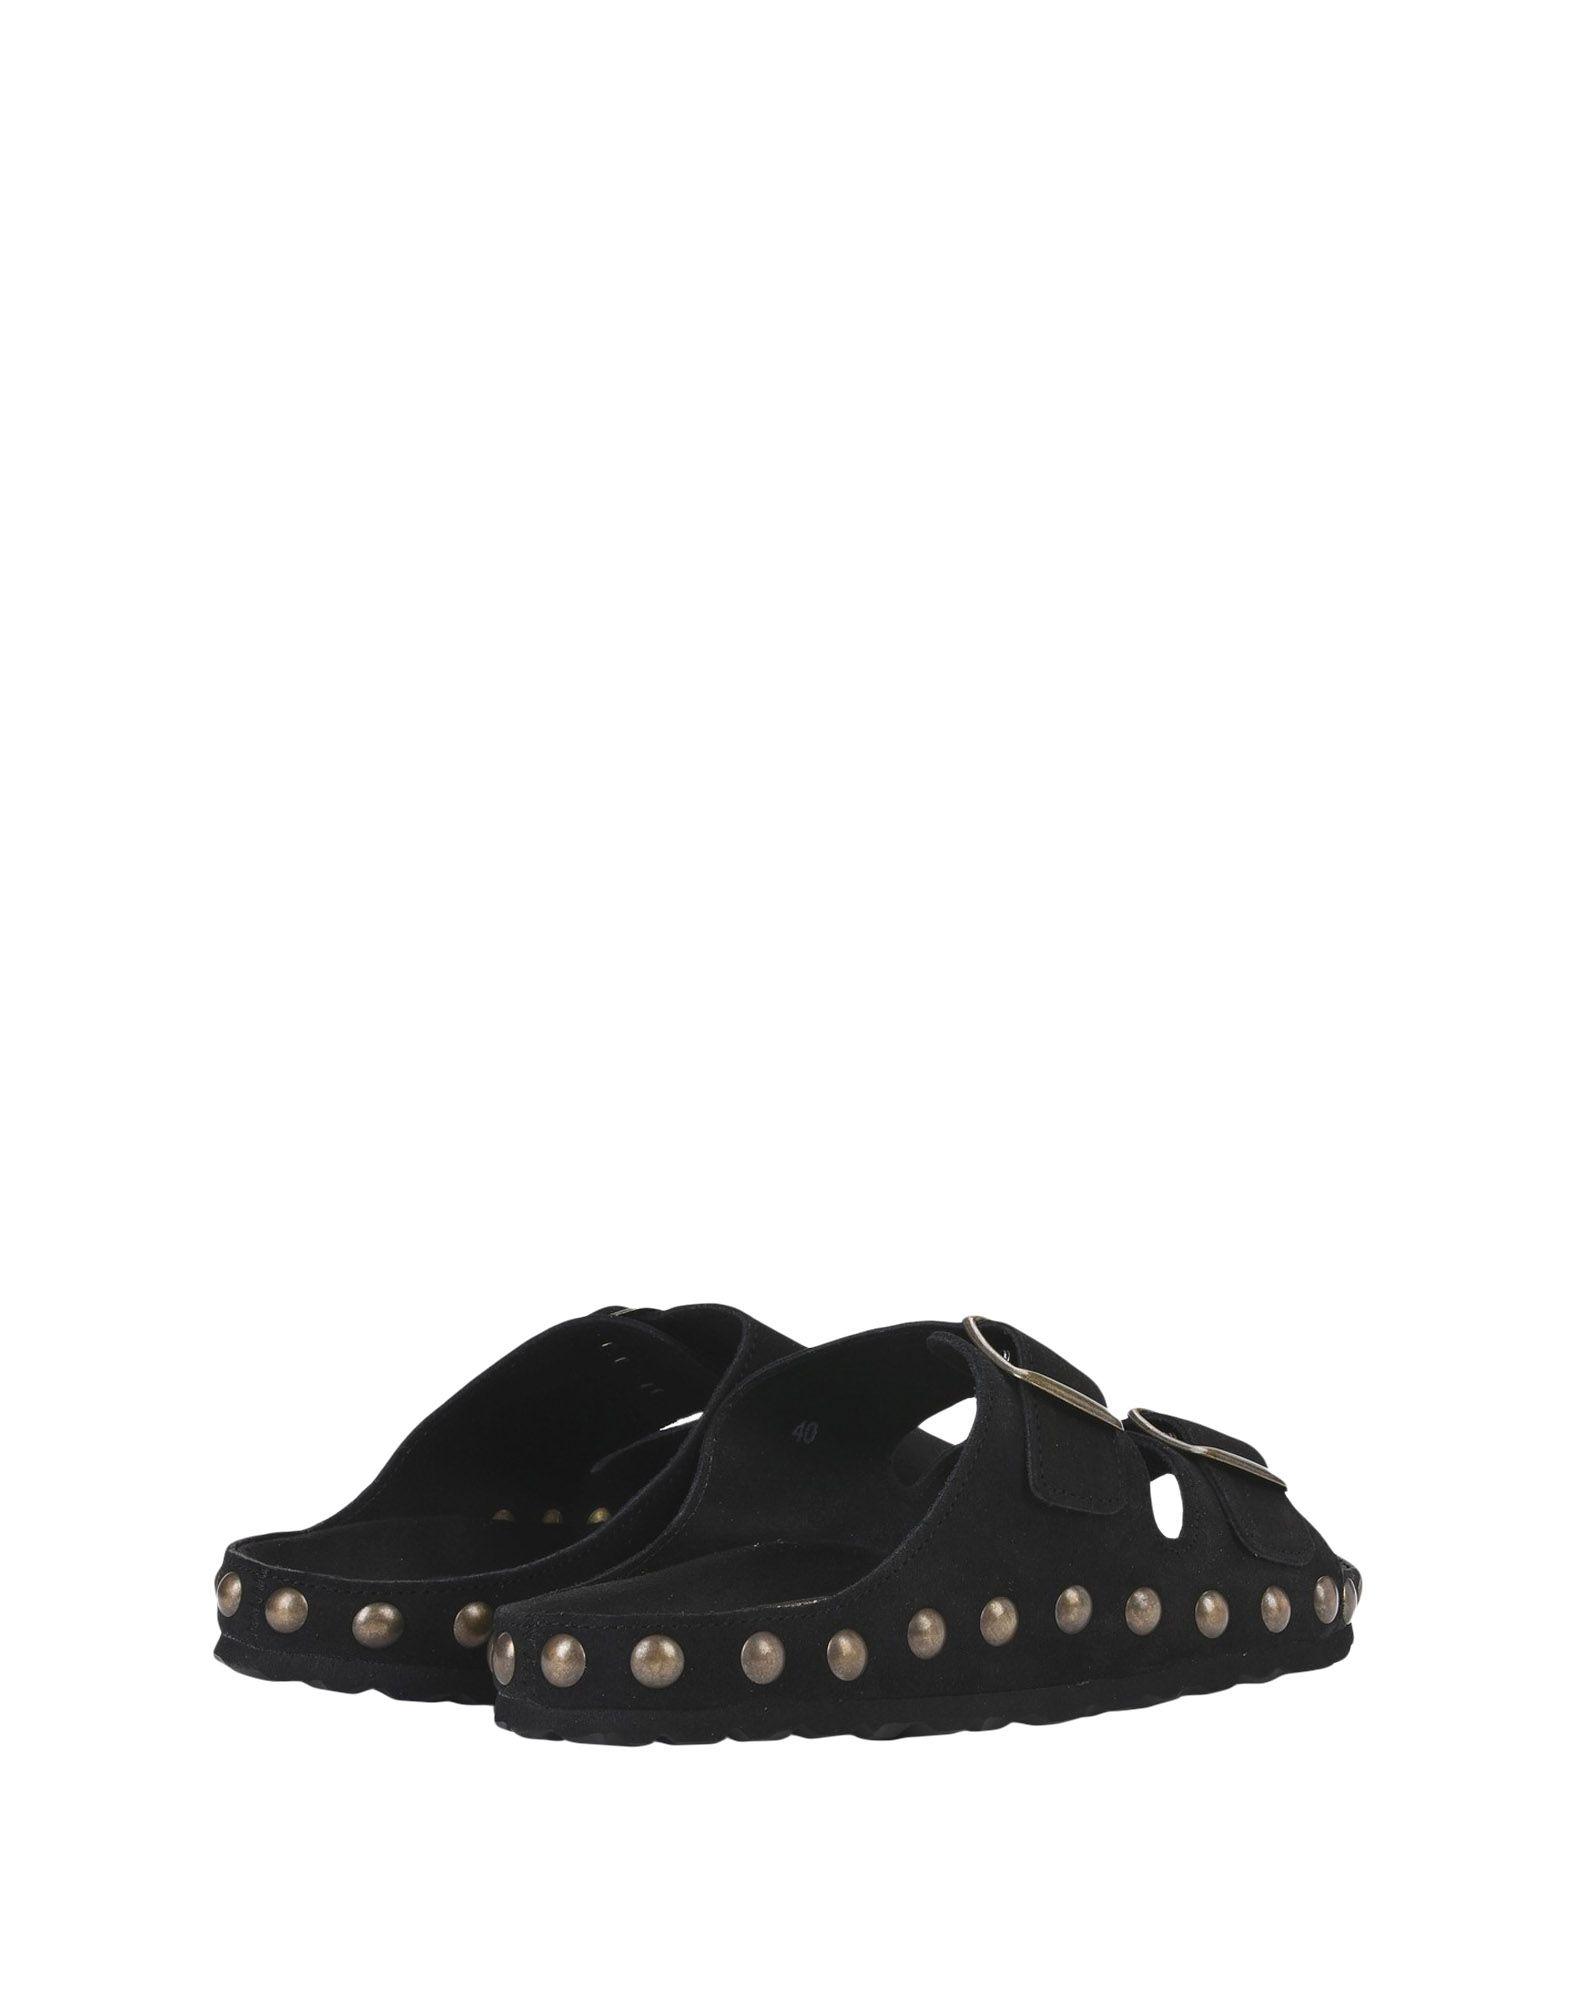 Sandali Donna Maison Shoeshibar Akiko - Donna Sandali - 11476788UE b92a14